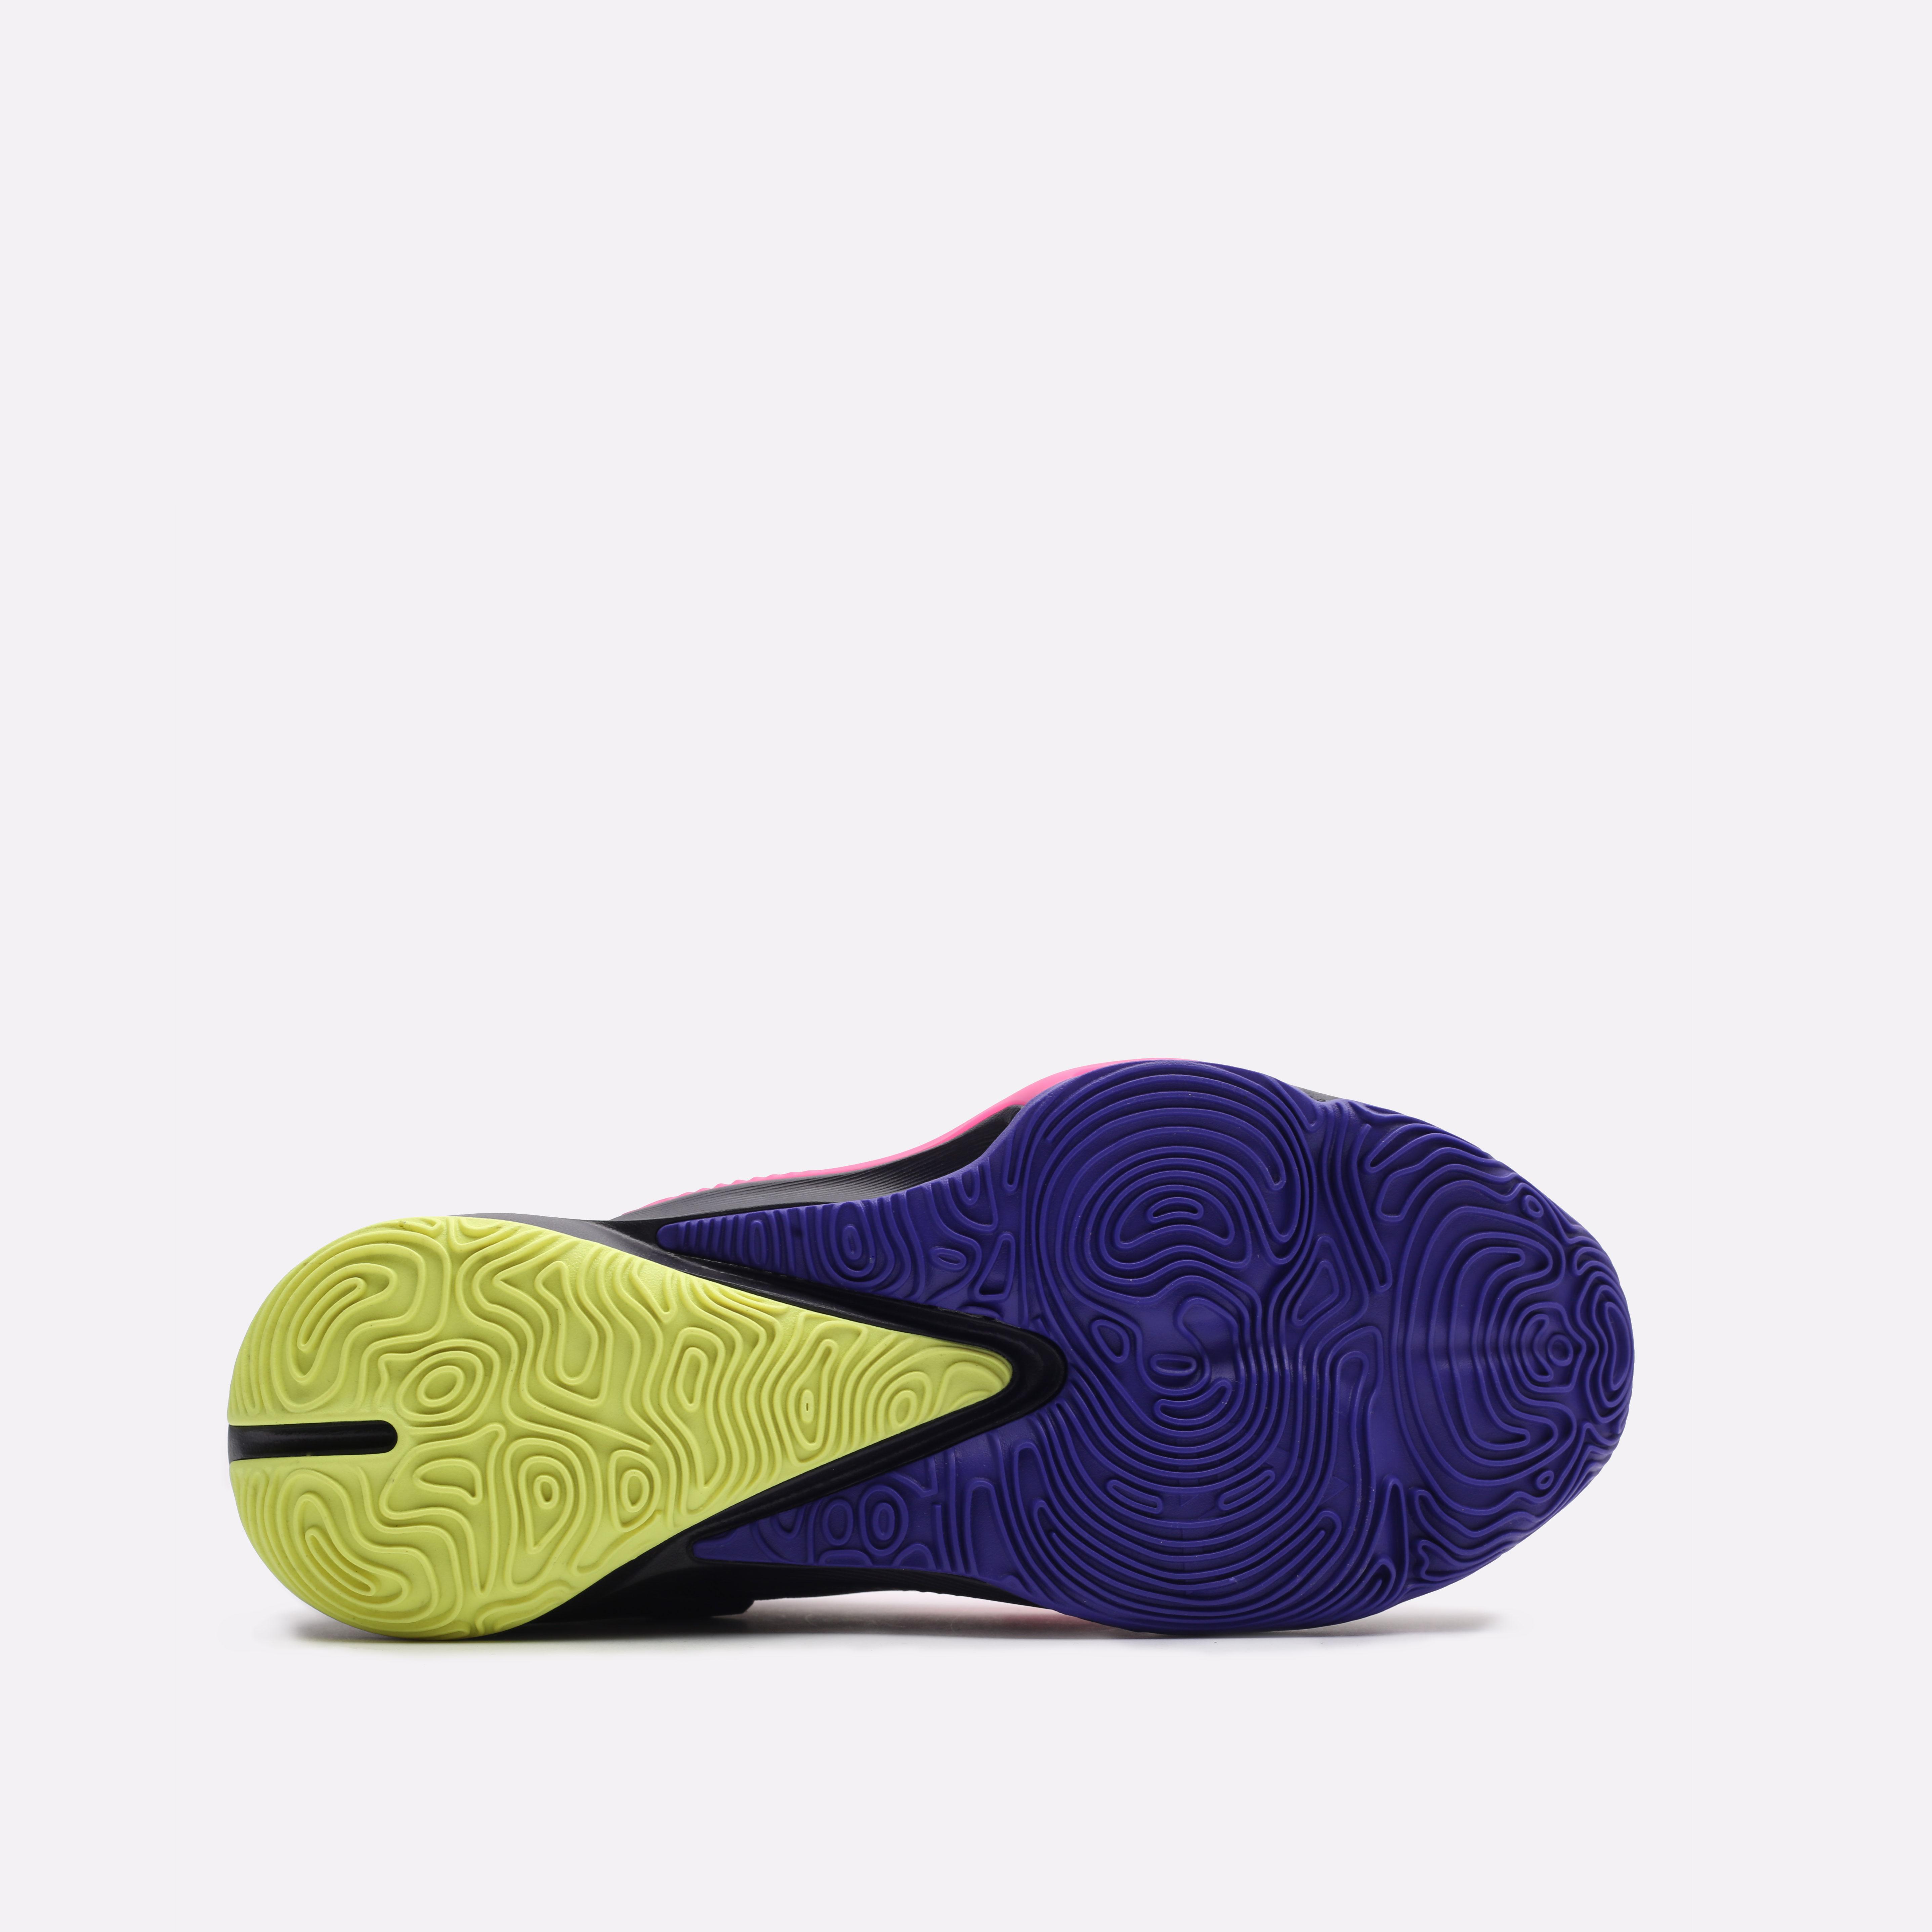 черные баскетбольные кроссовки Nike Zoom Freak 3 DA0694-500 - цена, описание, фото 5